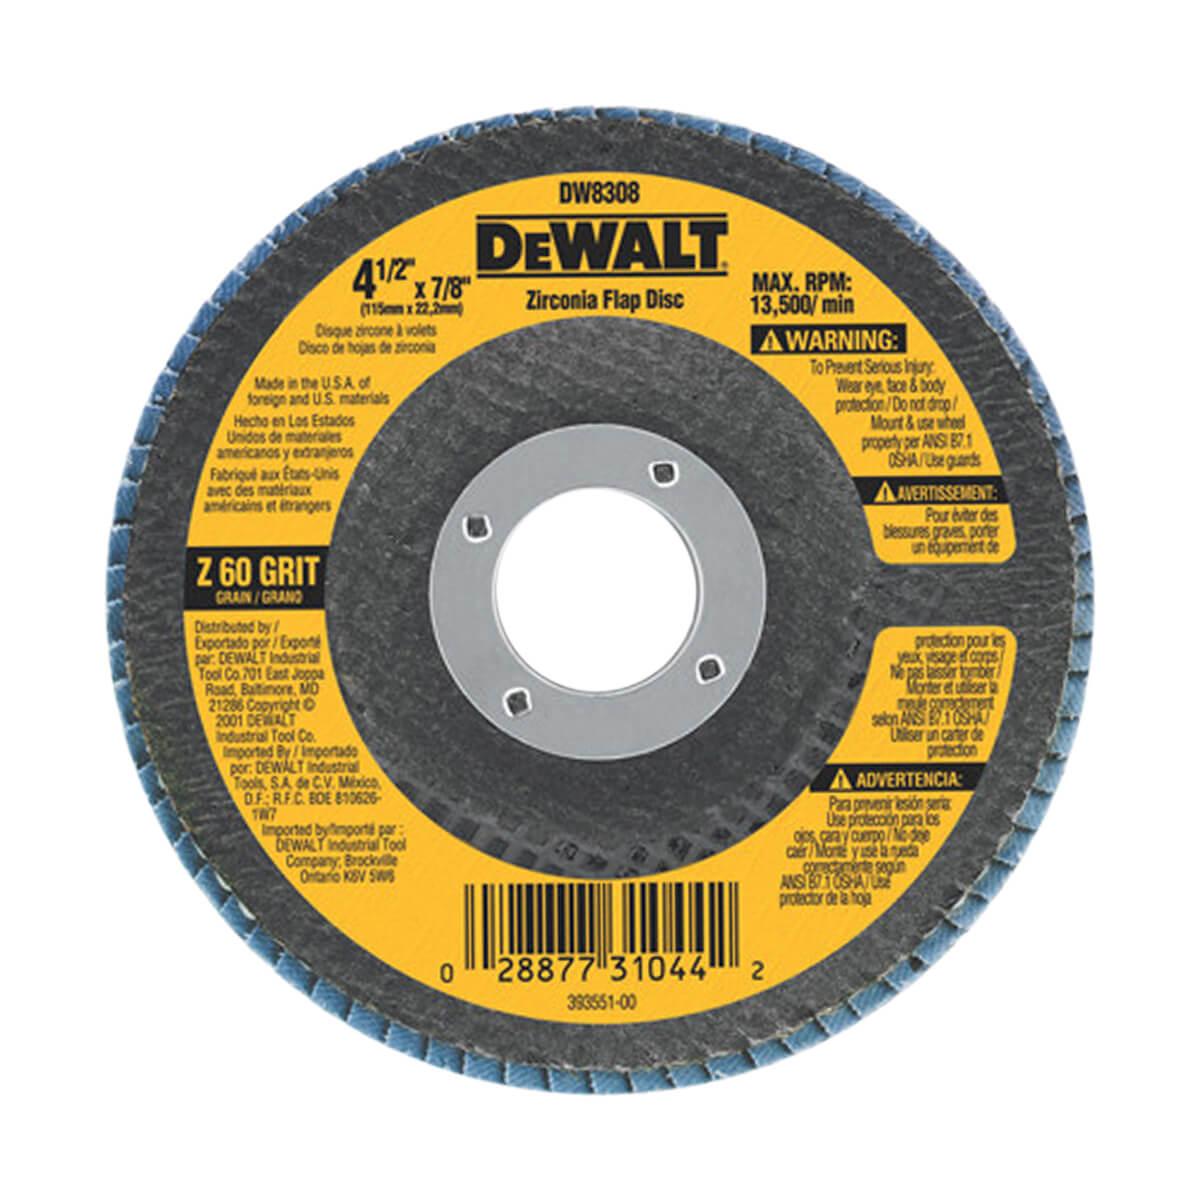 """DEWALT 4.5"""" X 7/8"""" Zirconia T29 Flap Disc"""